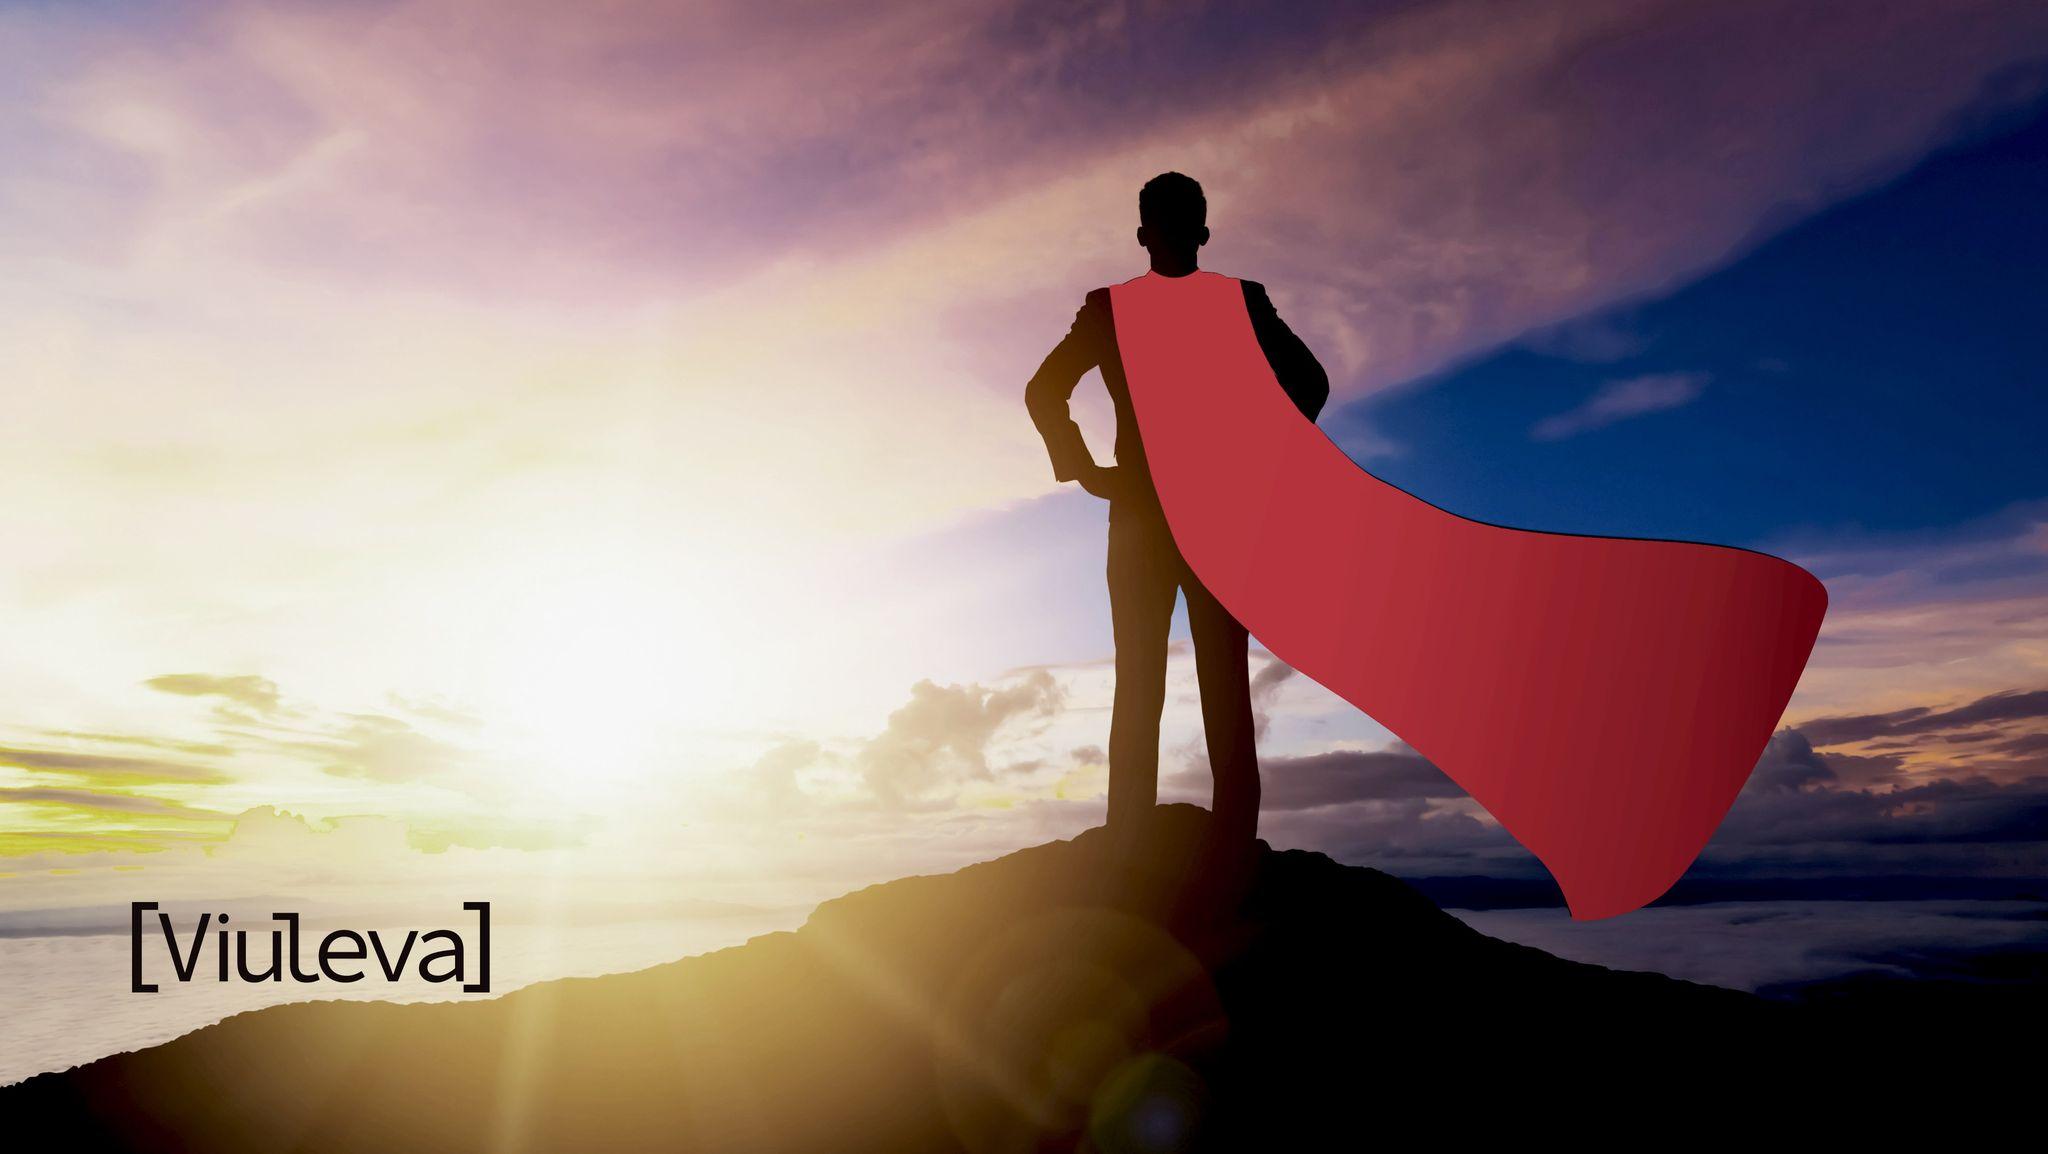 Viuleva Blogi Ydinarvoihin Perustuva Yrityskulttuuri Synnyttää Supervoimia Ja Tuloksia